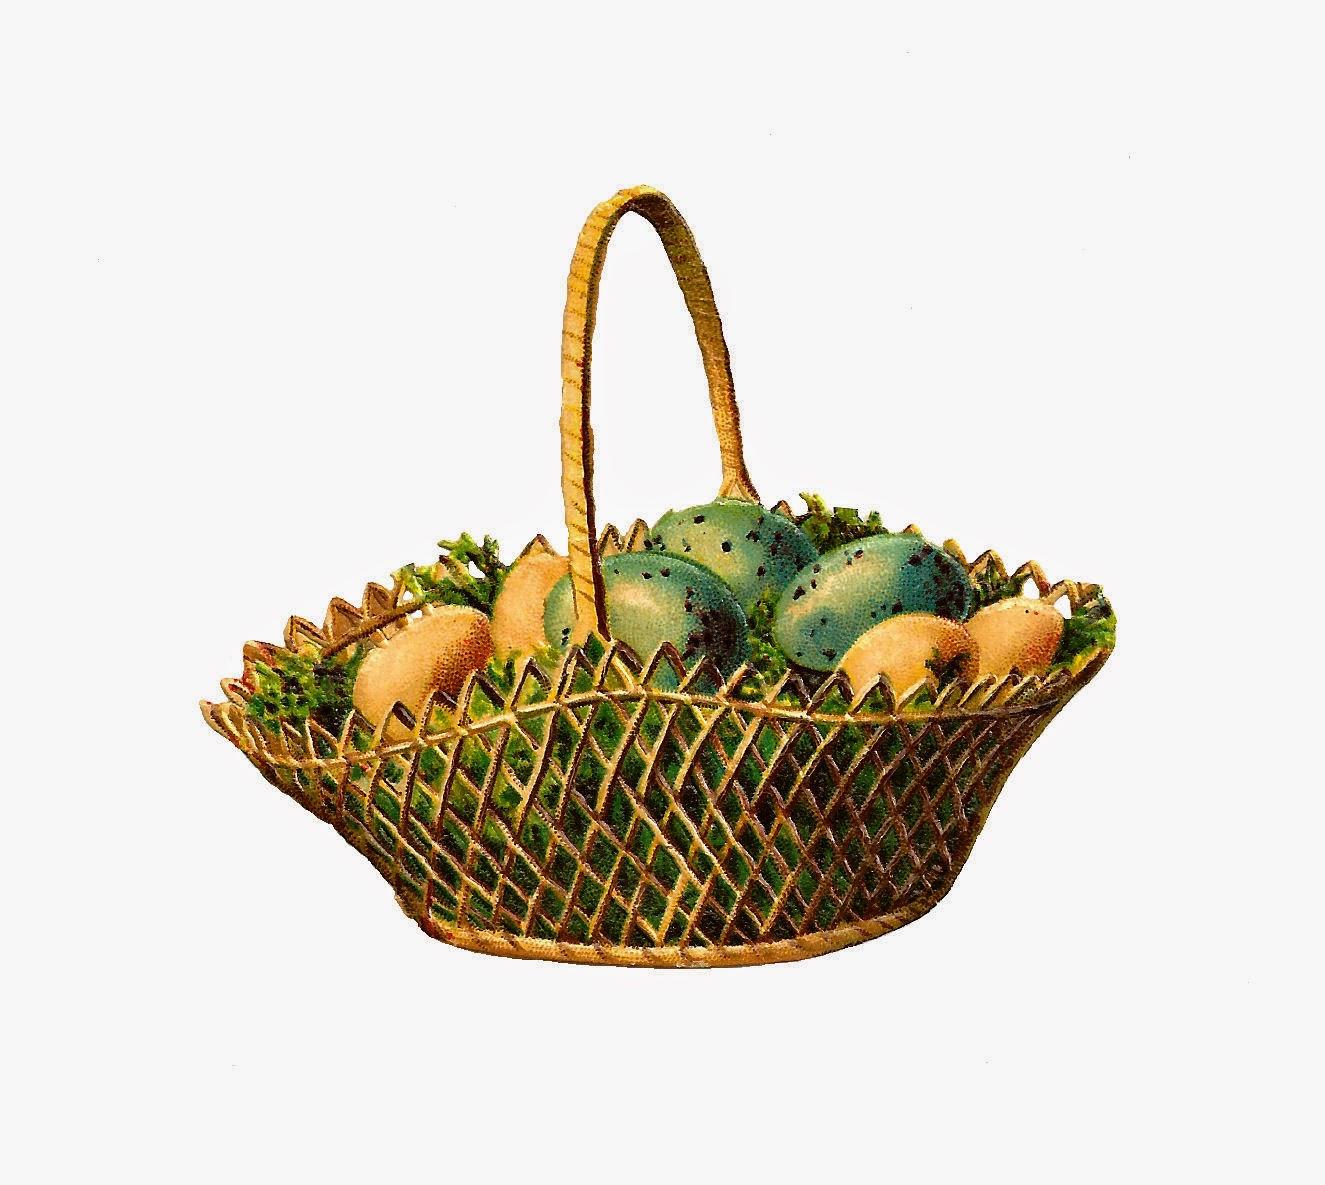 http://3.bp.blogspot.com/-8dOM4nTcCQg/U03OCzra2II/AAAAAAAATlI/yx5S0PLYHp8/s1600/easter_basket_eggs_big_2.jpg